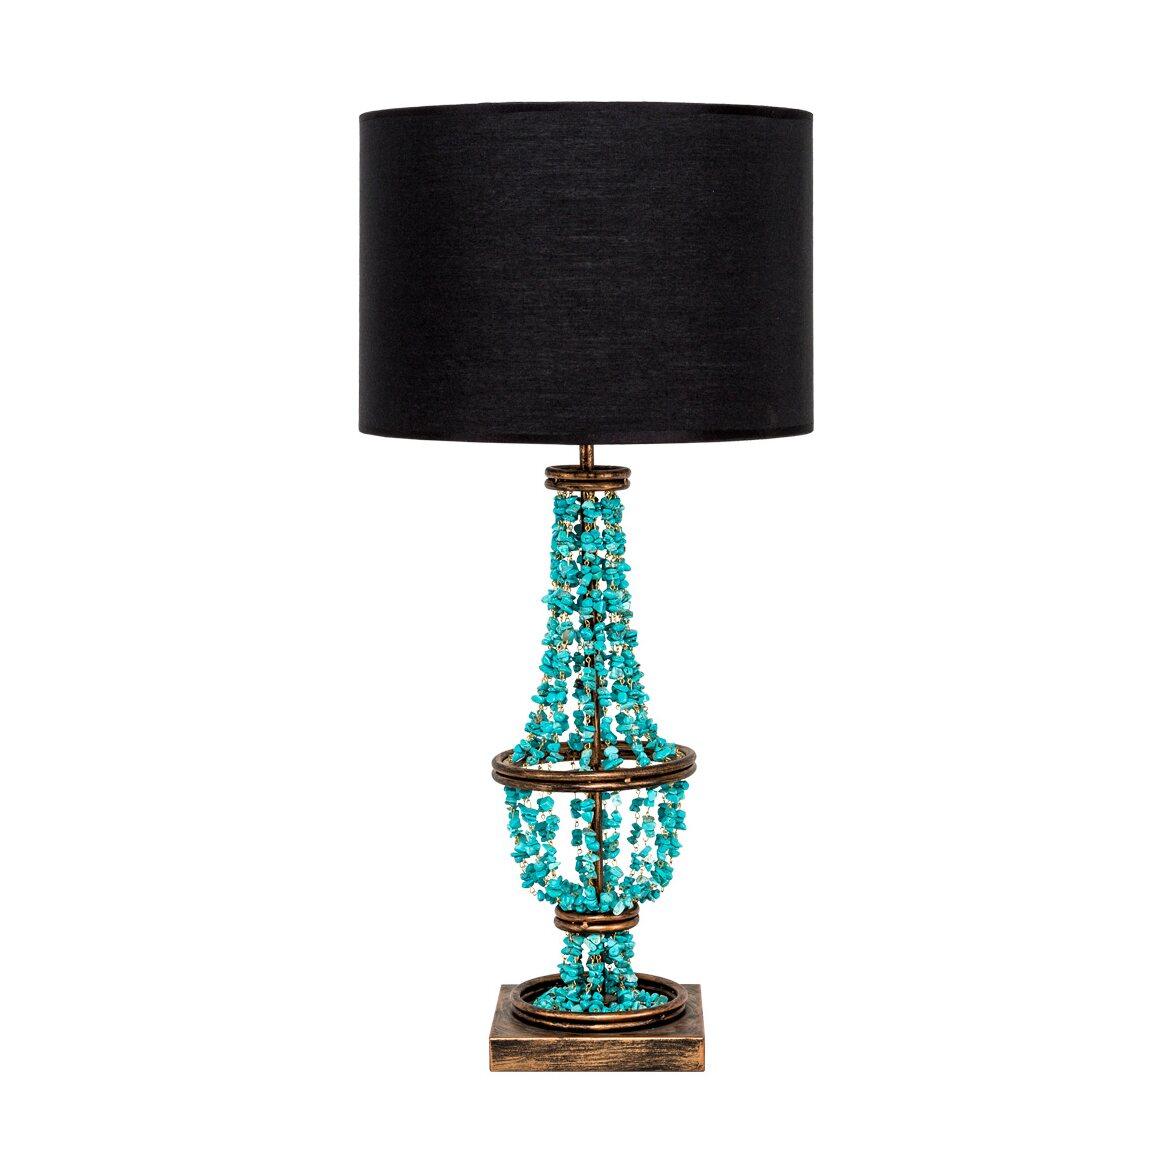 Настольная лампа «Либерти» | Настольные лампы Kingsby